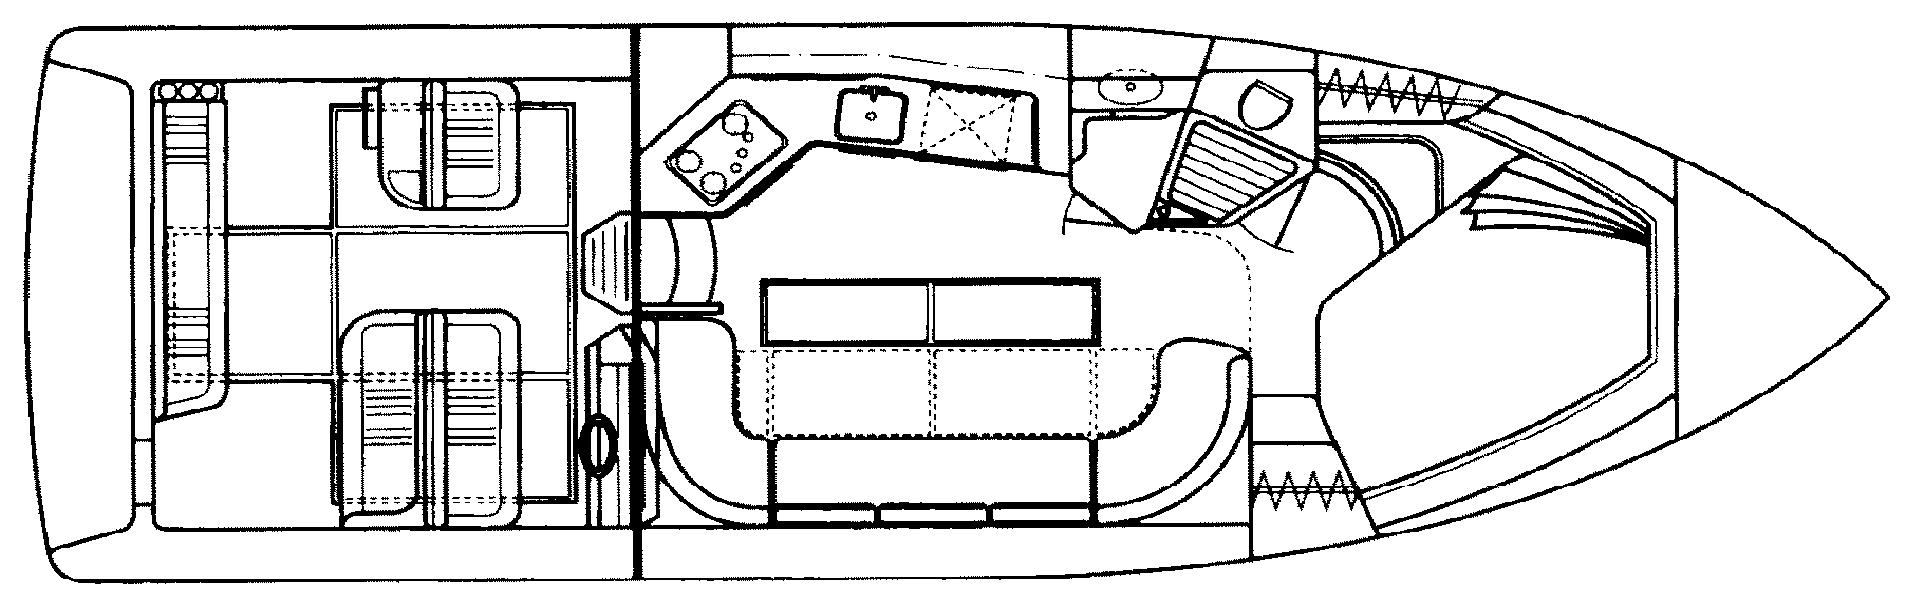 350-370 Express Cruiser Floor Plan 1